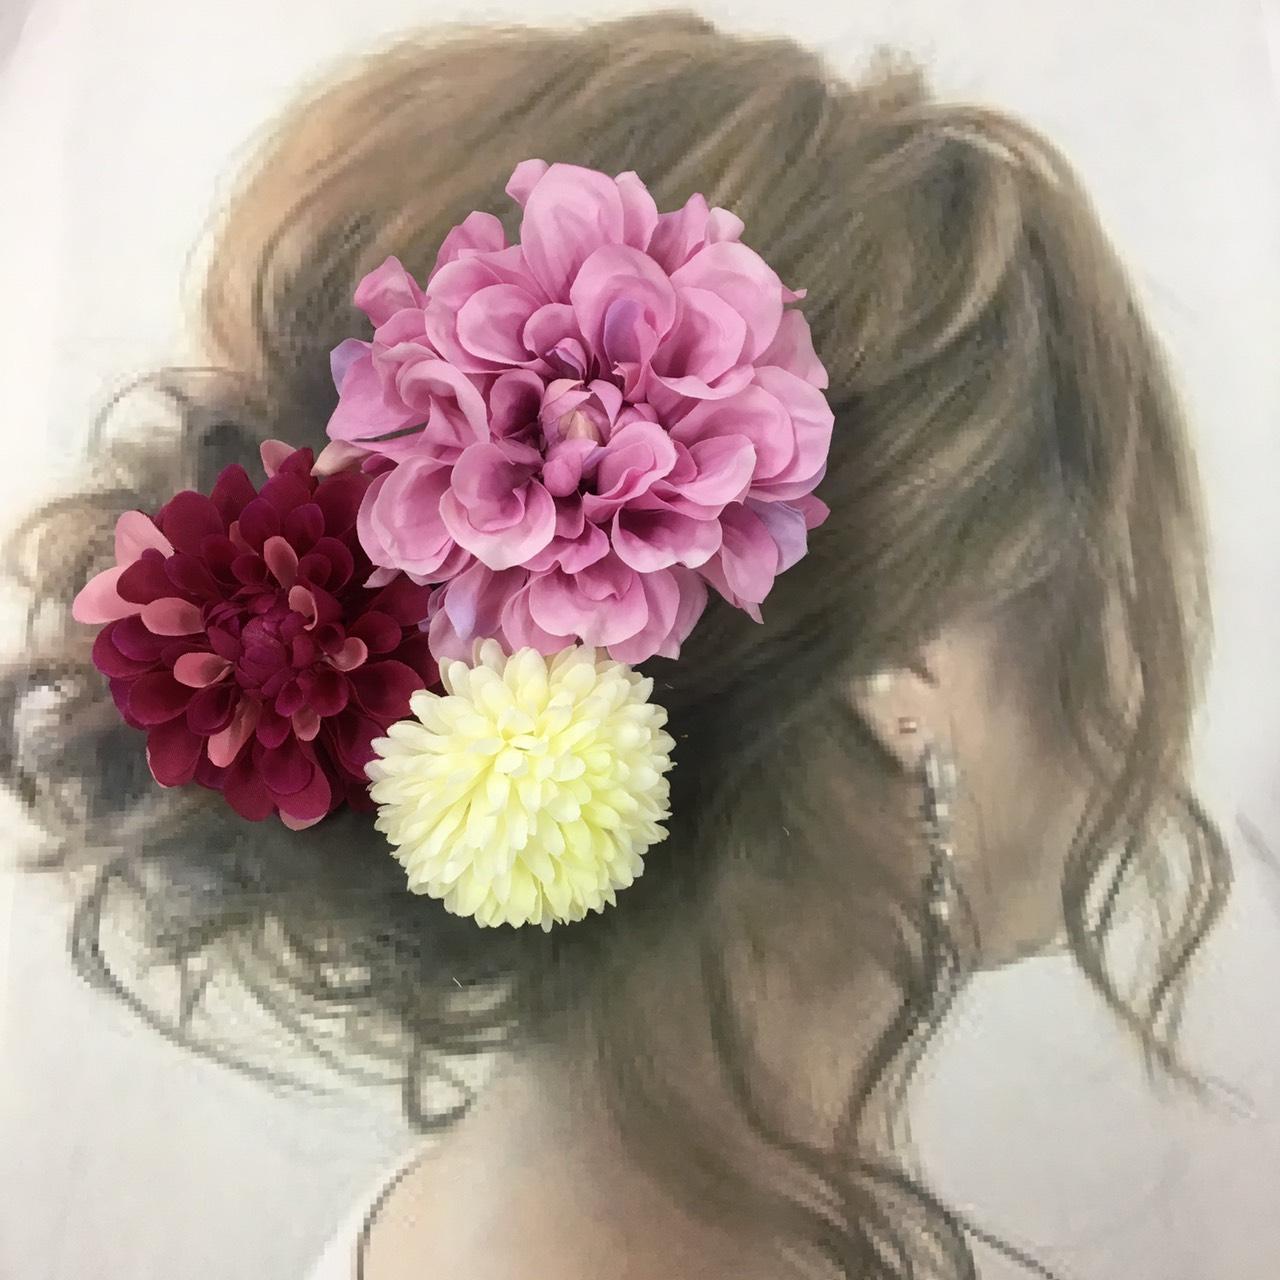 結婚式や夏祭りの髪飾りはいかがでしょうか?